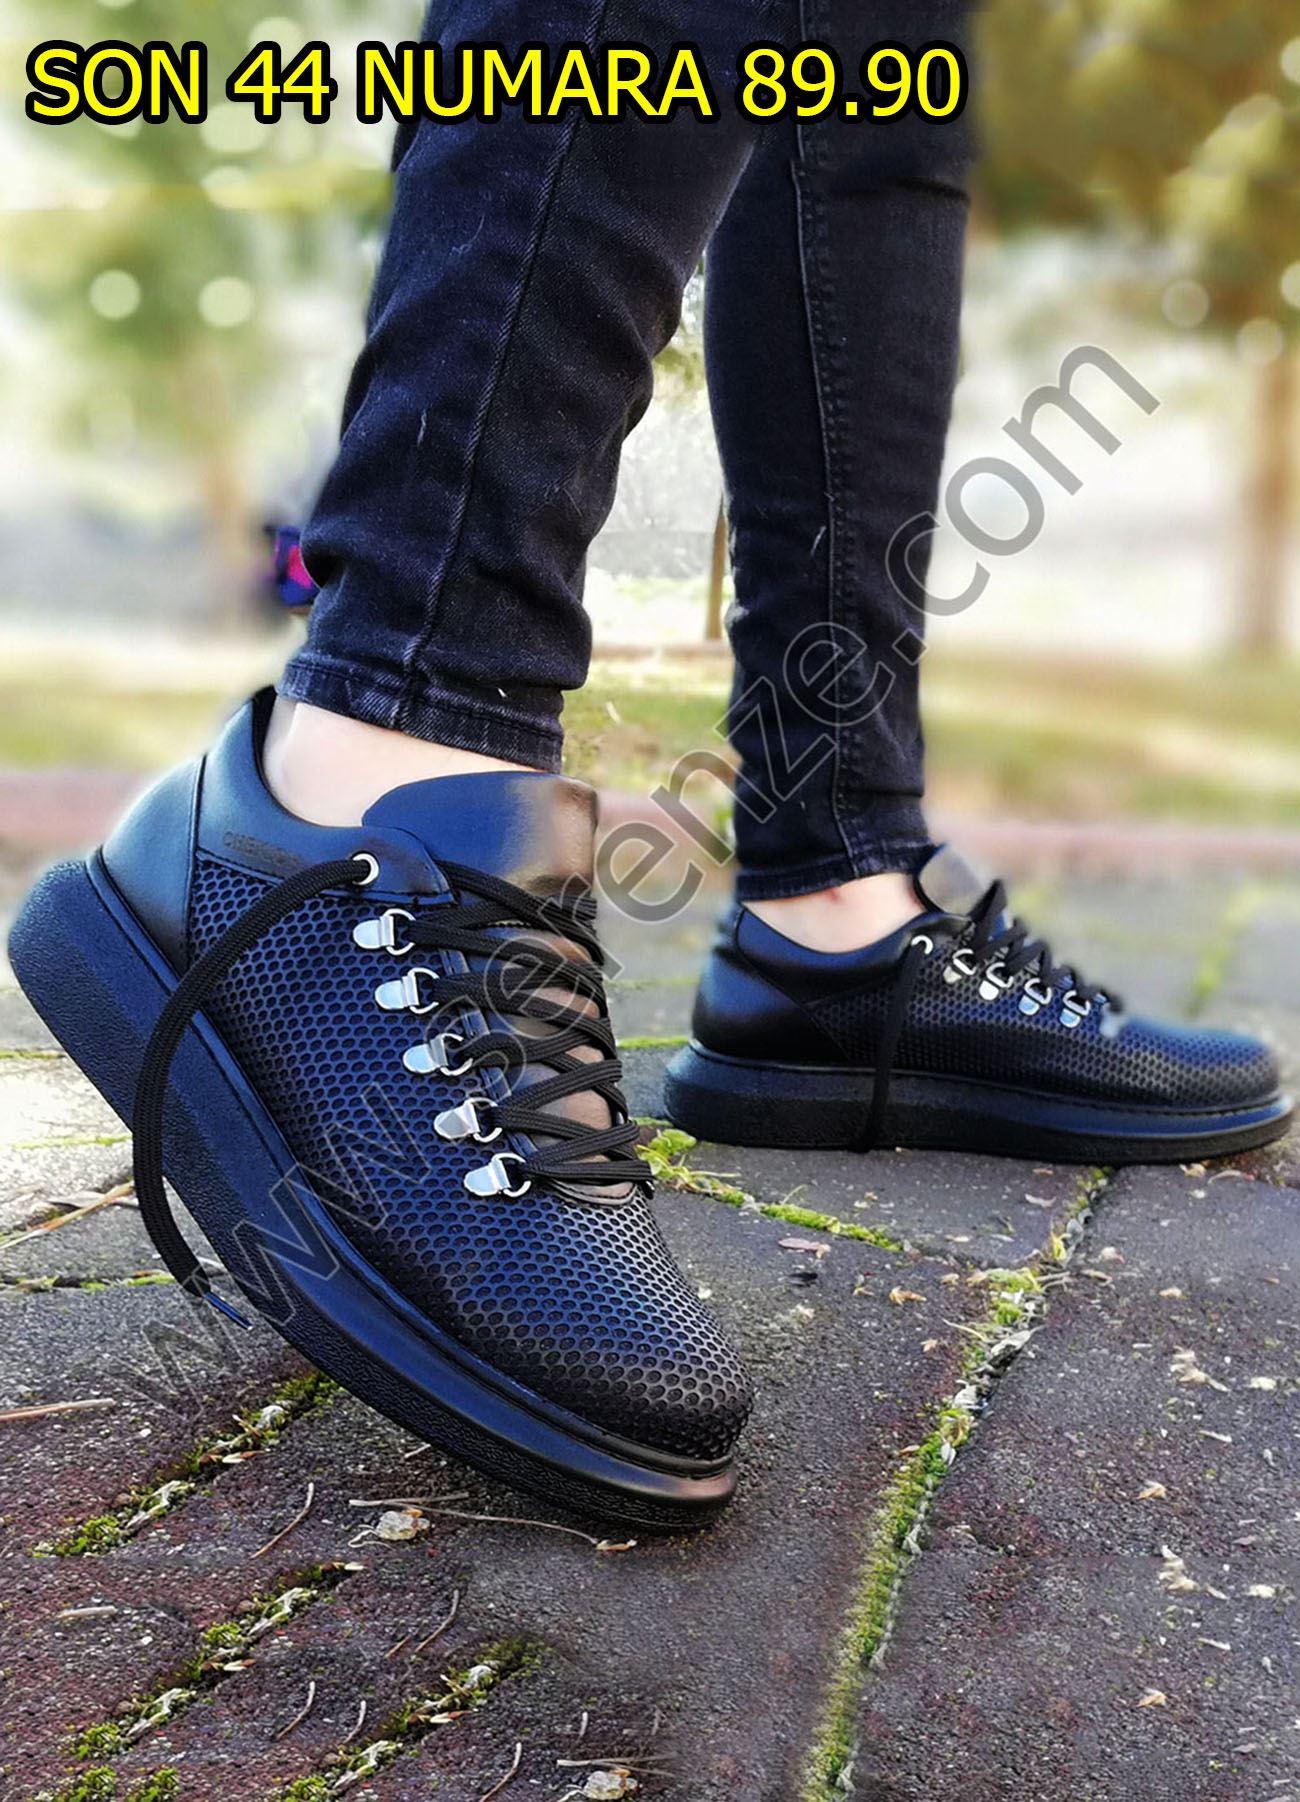 Petek Doku Siyah Spor Ayakkabı